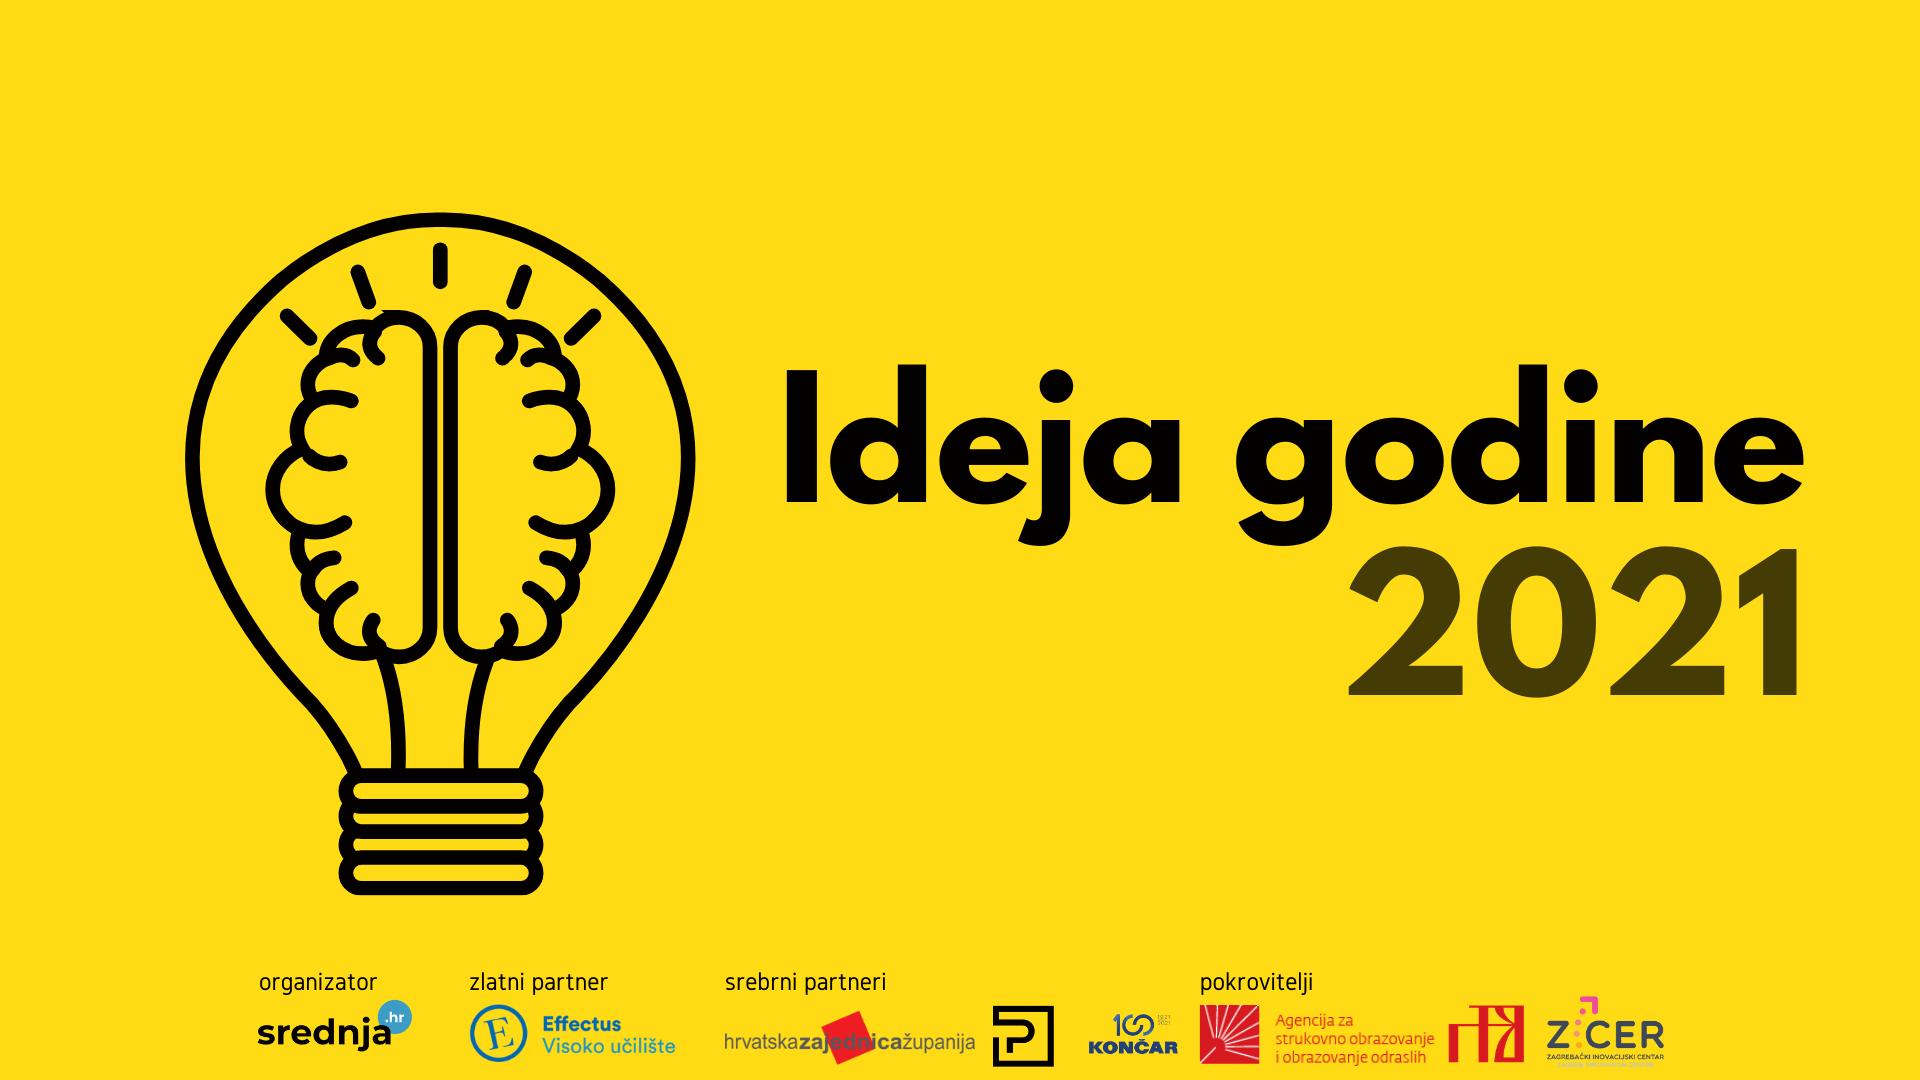 [Ideja godine '21] Evo kako su svi pobjednici Ideje godine predstavili svoje prijave